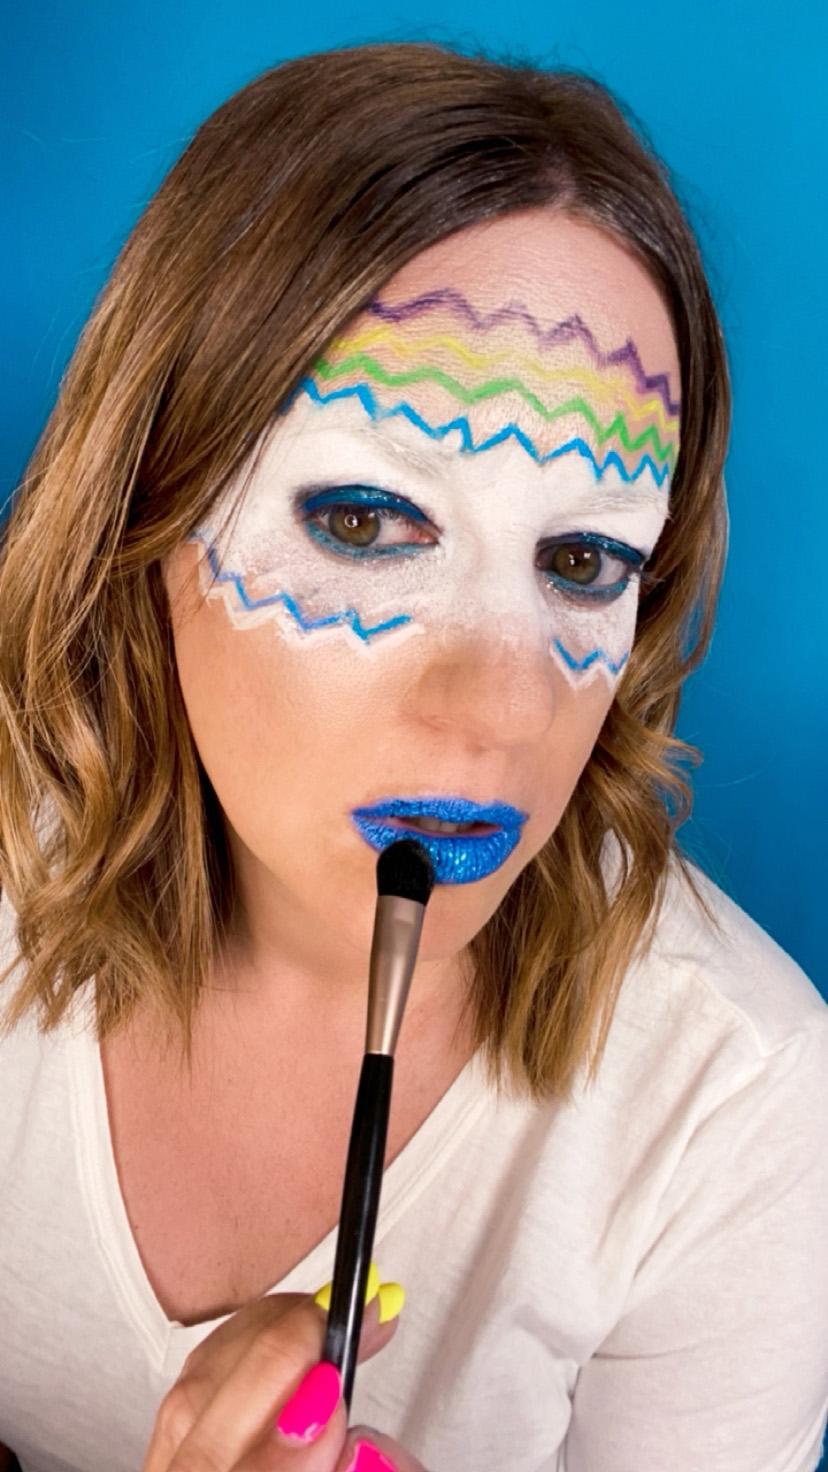 Excedrin migraine makeup look 2